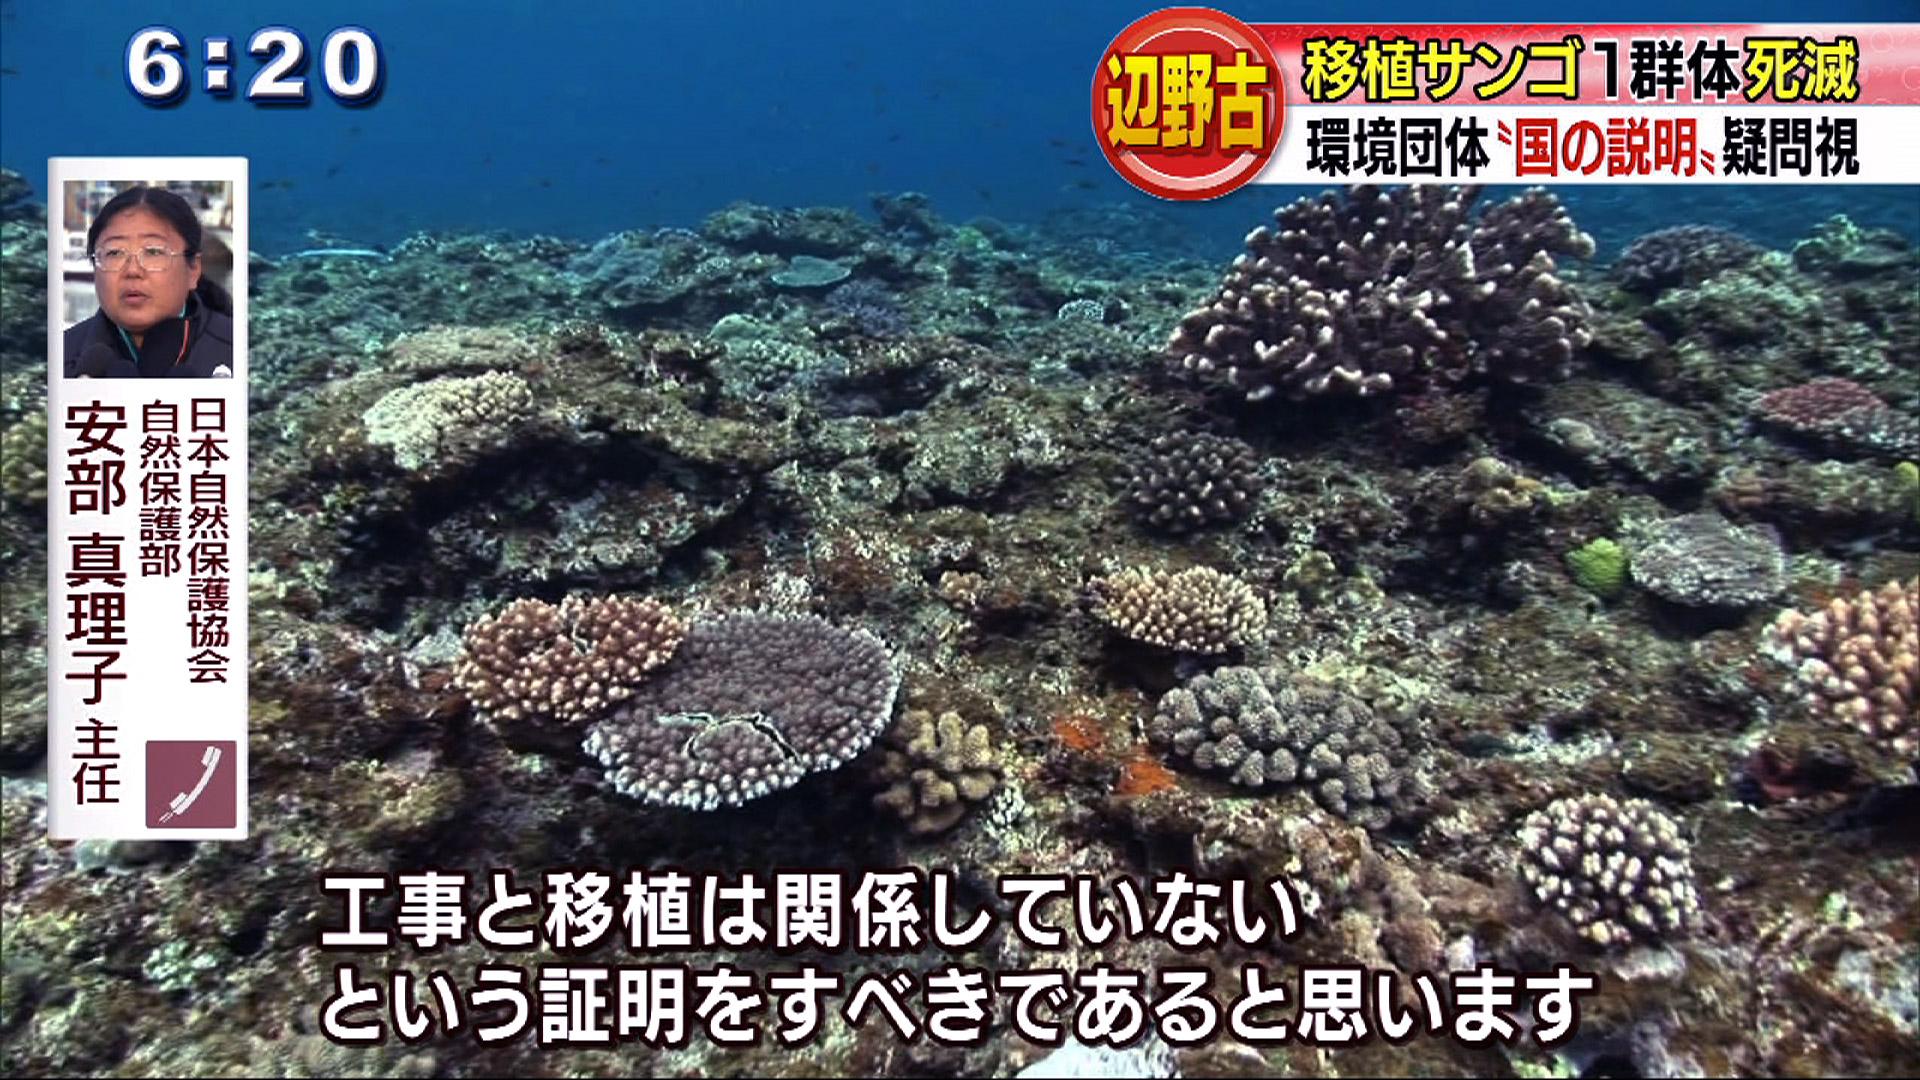 辺野古移植サンゴ1群体死滅で環境団体が疑問視